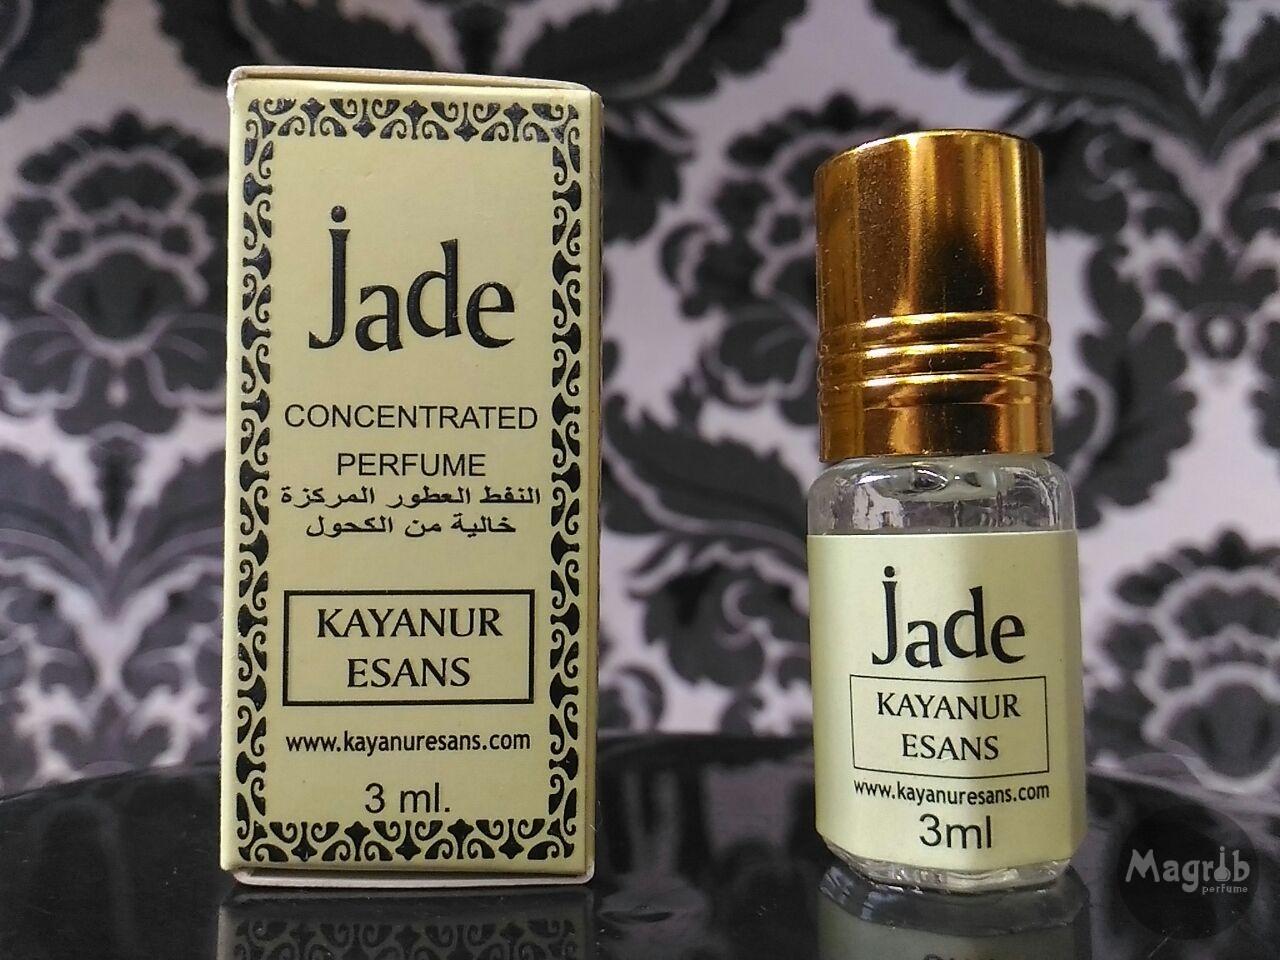 Kayanur Esans Jade 3ml- концентрированные масляные духи.